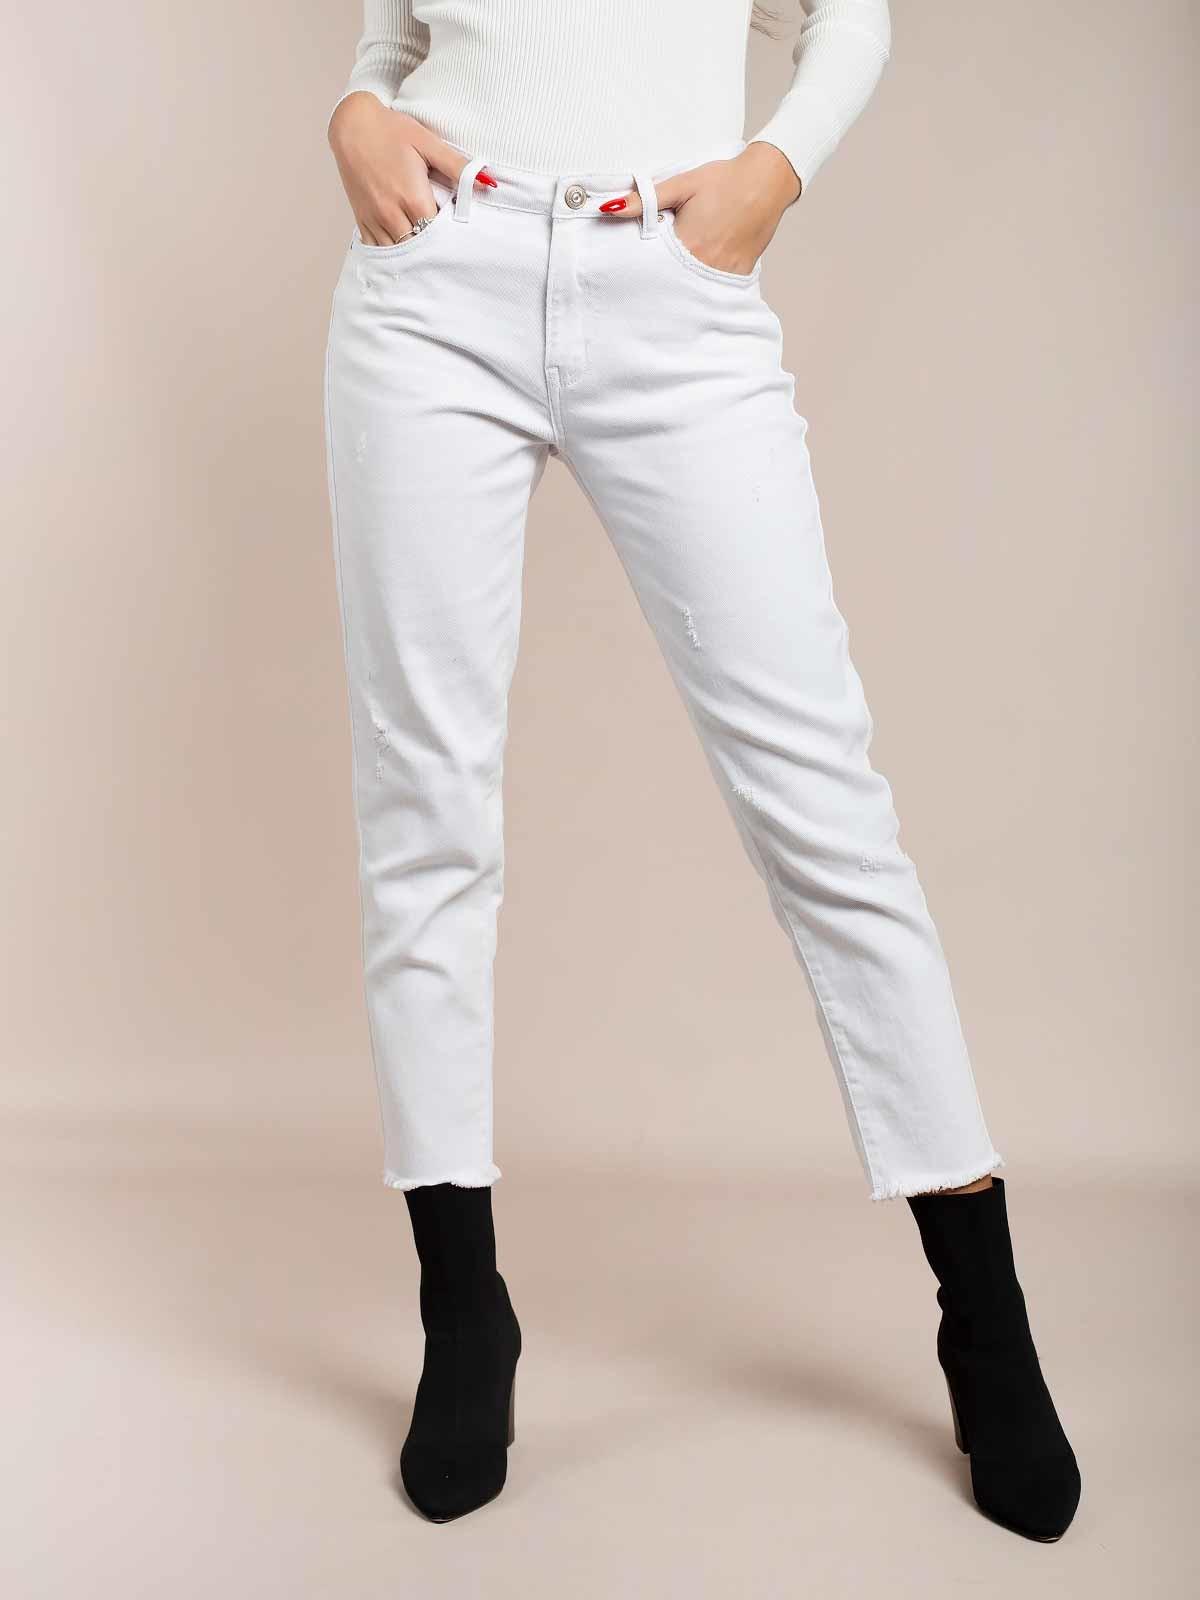 Jeans slim brancos curtos desfiados